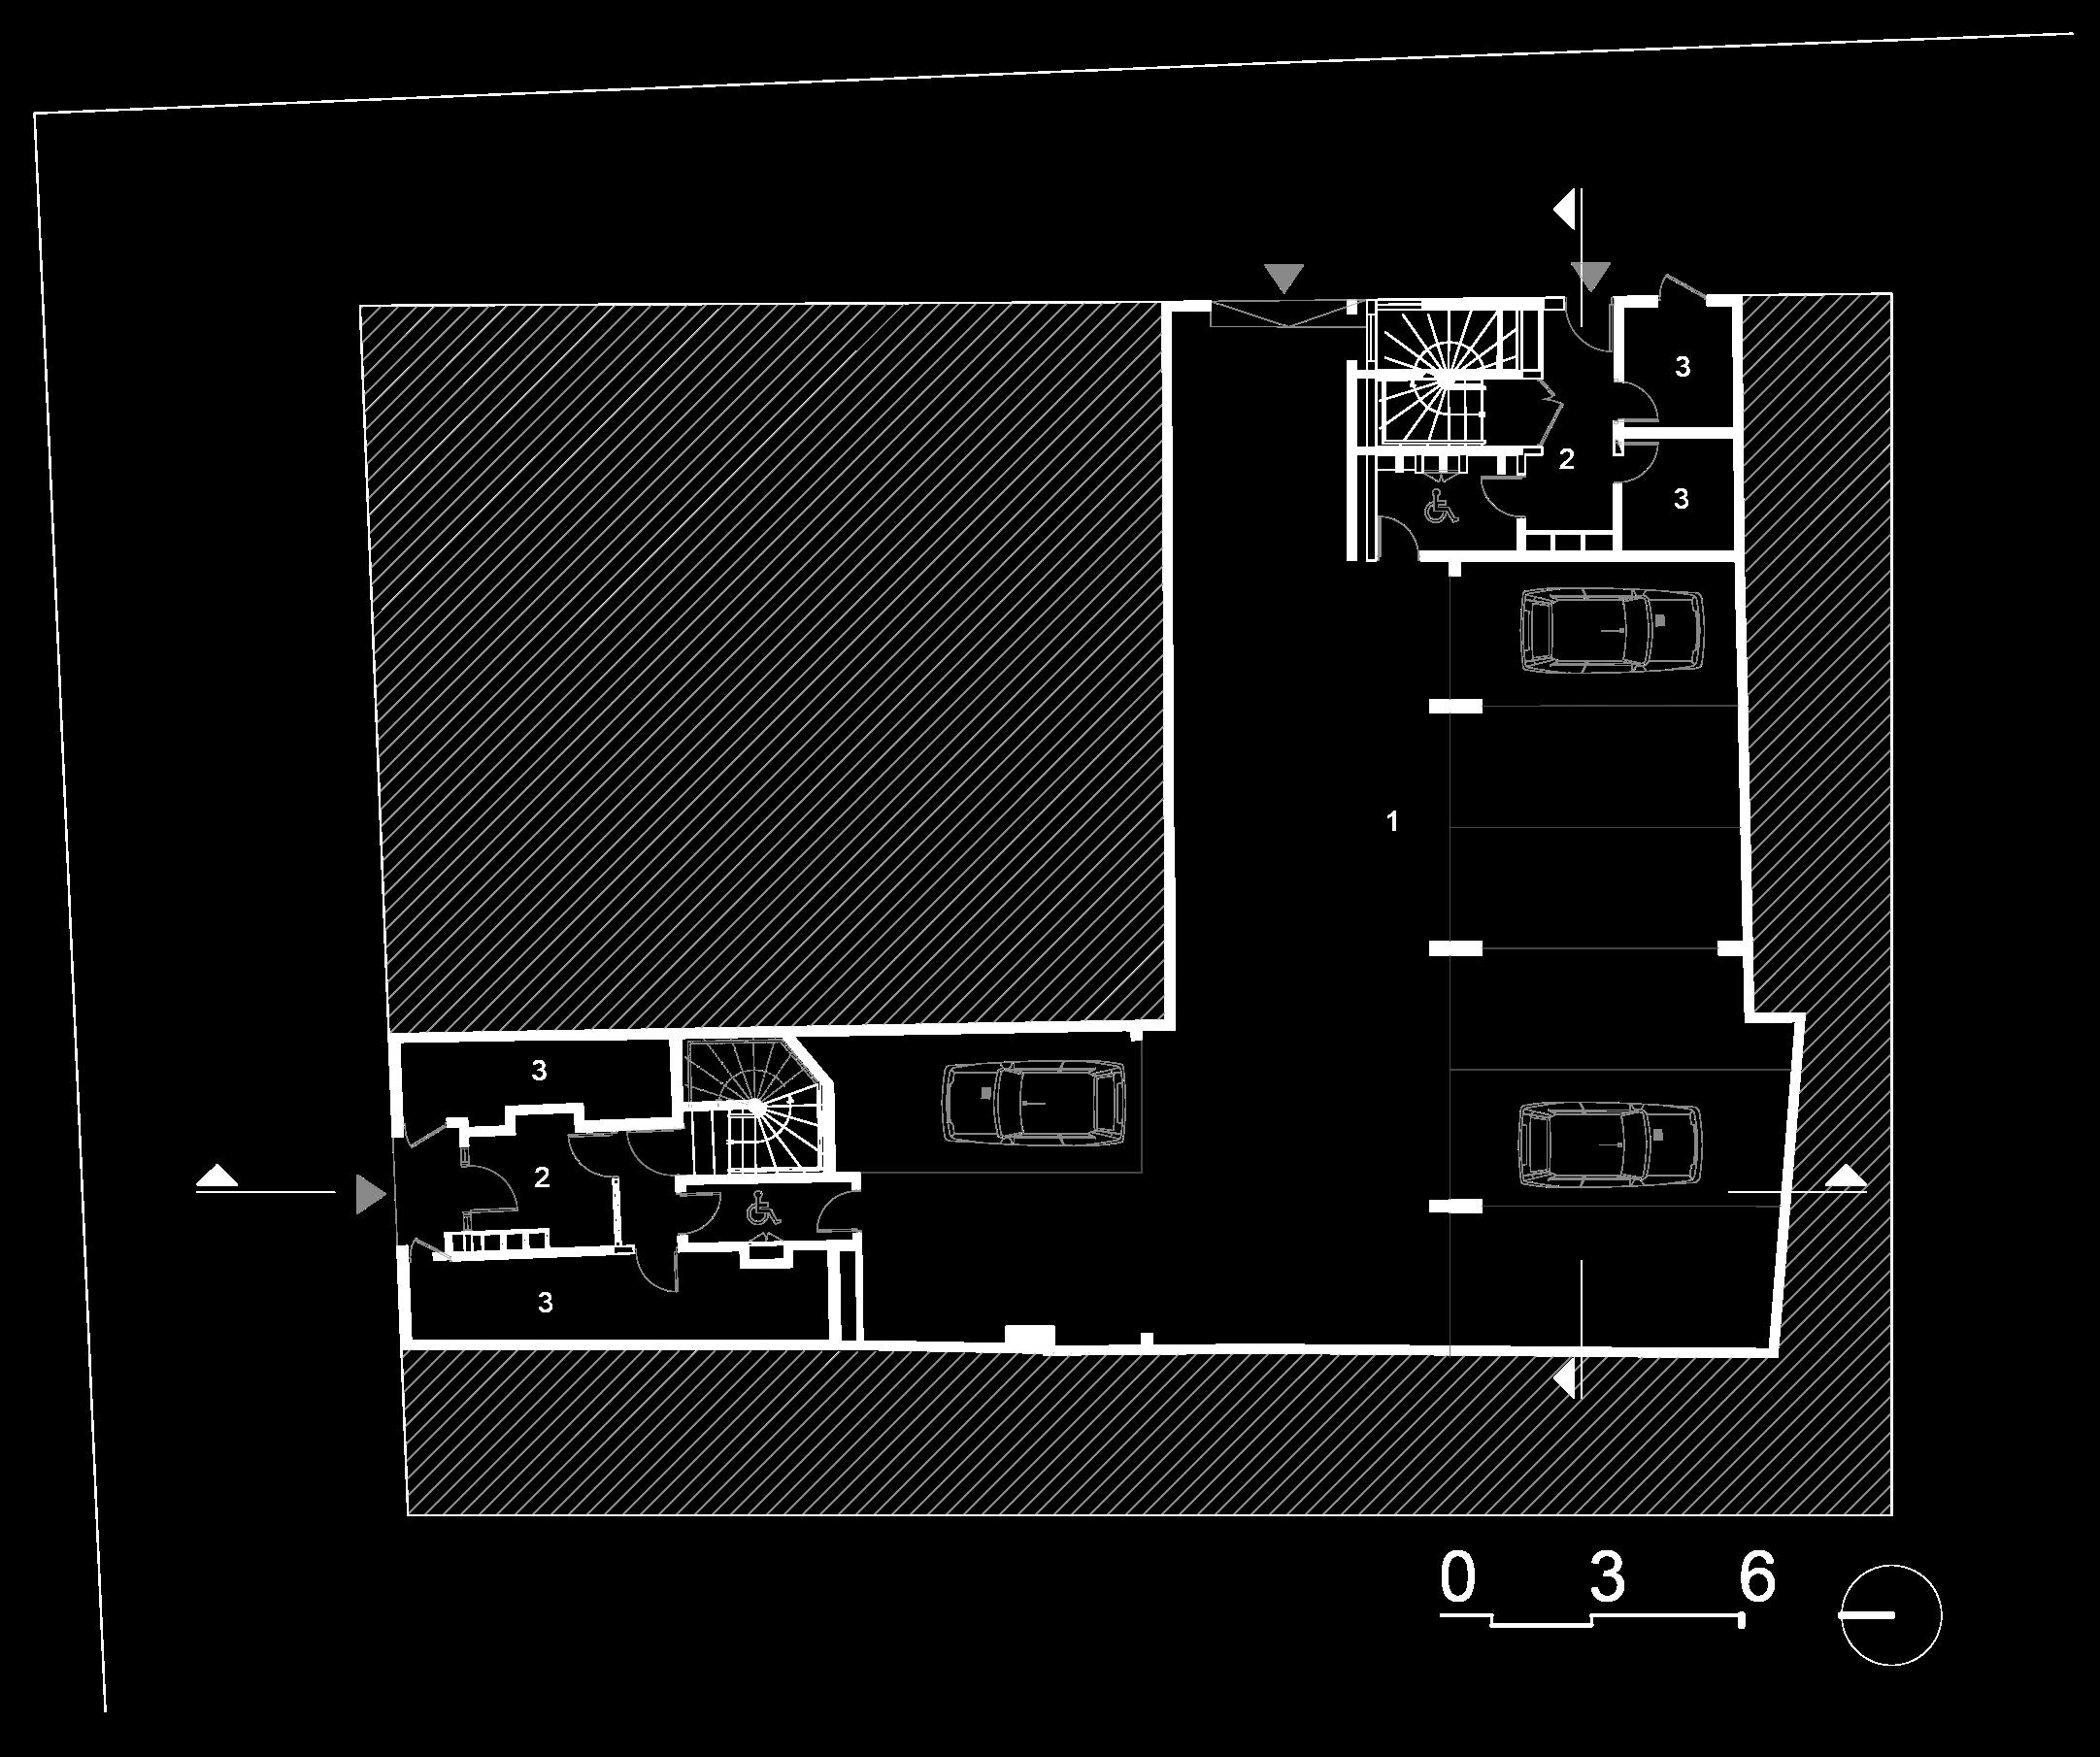 Plan du sous sol :  1- Parking sous sol, 2- Hall, 3- Local poubelle.